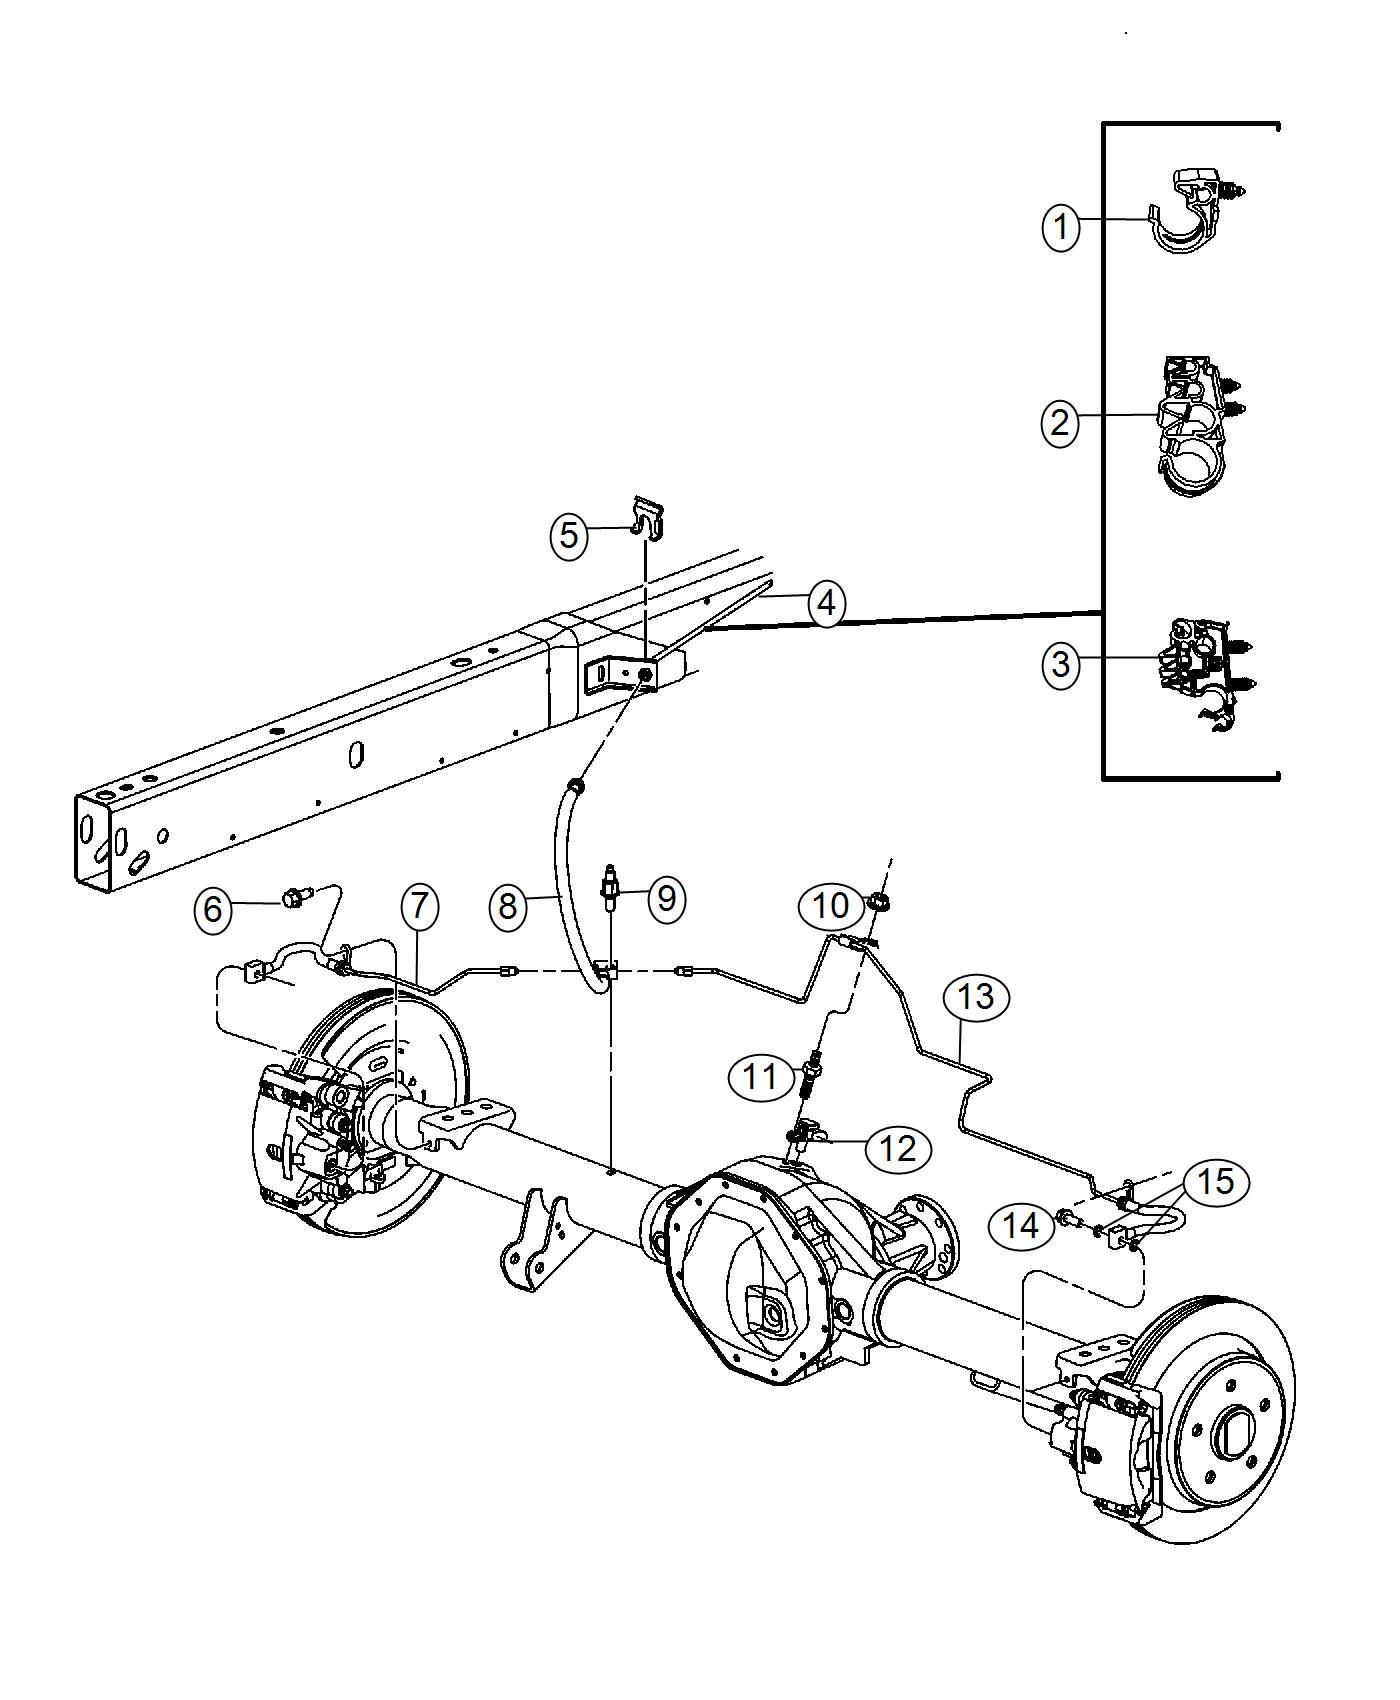 Ram Tube Brake Right Hoses Chassis Maintenance